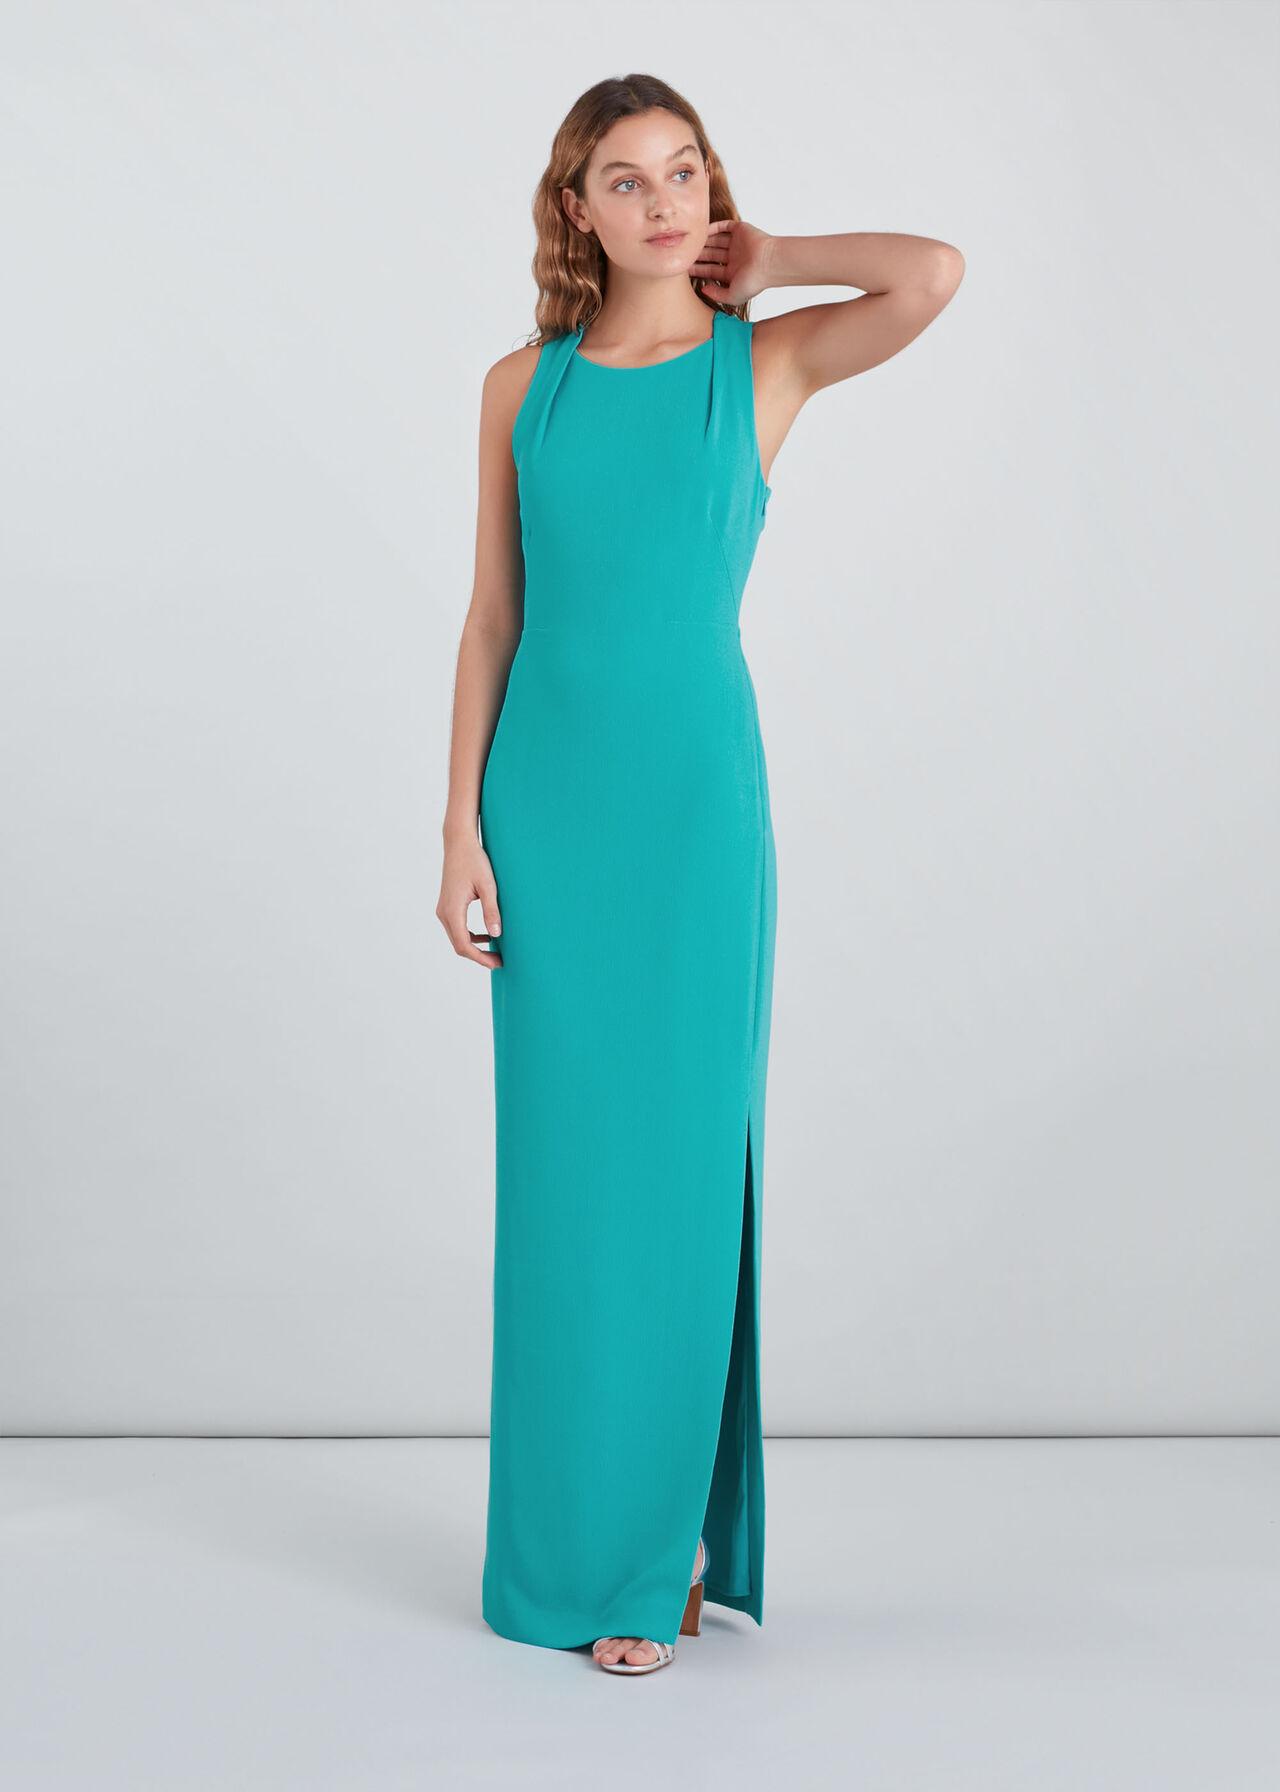 Tie Back Maxi Dress